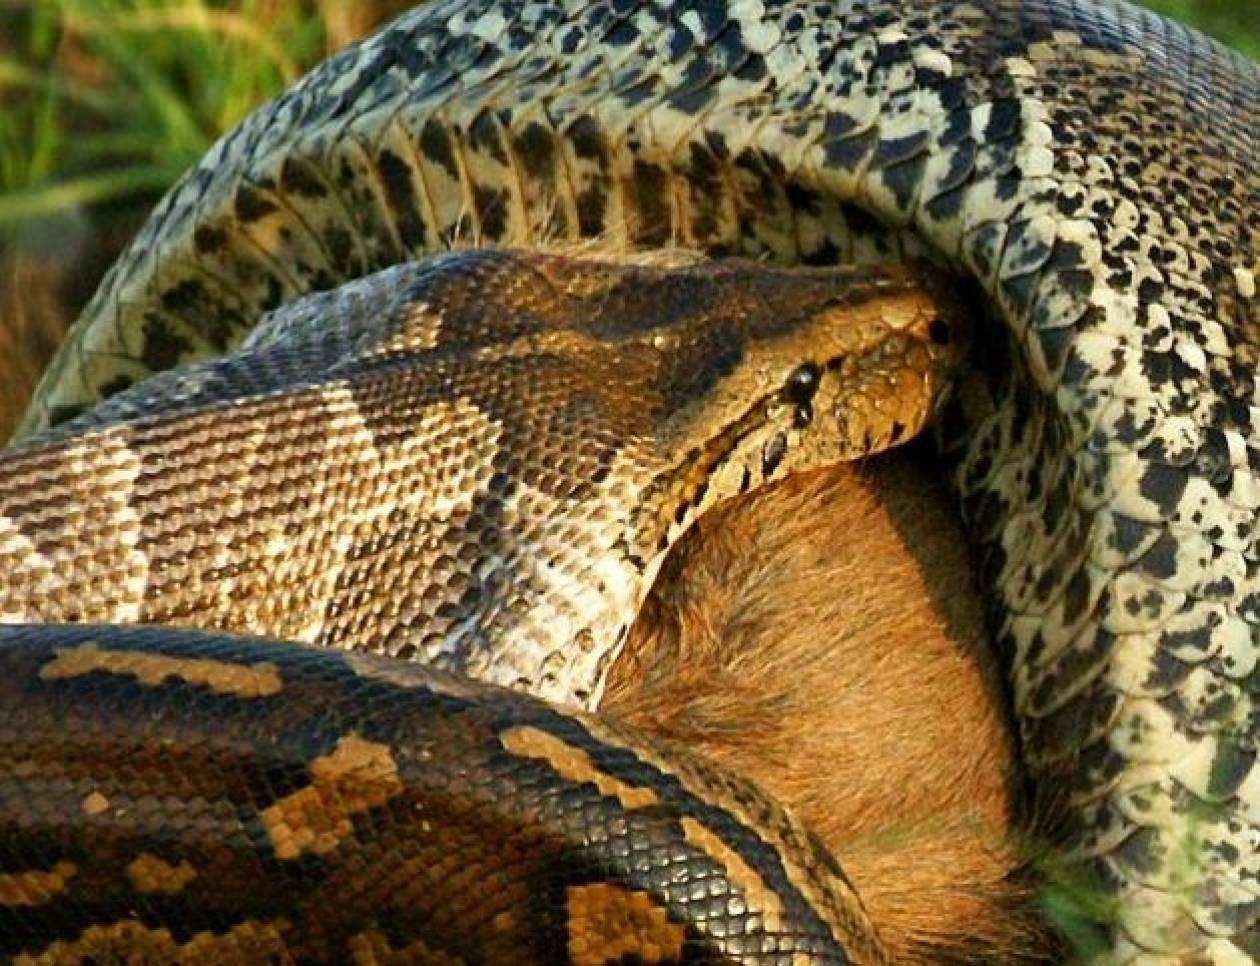 Απίστευτες φωτογραφίες: Πύθωνας καταπίνει ολόκληρο άγριο ζώο